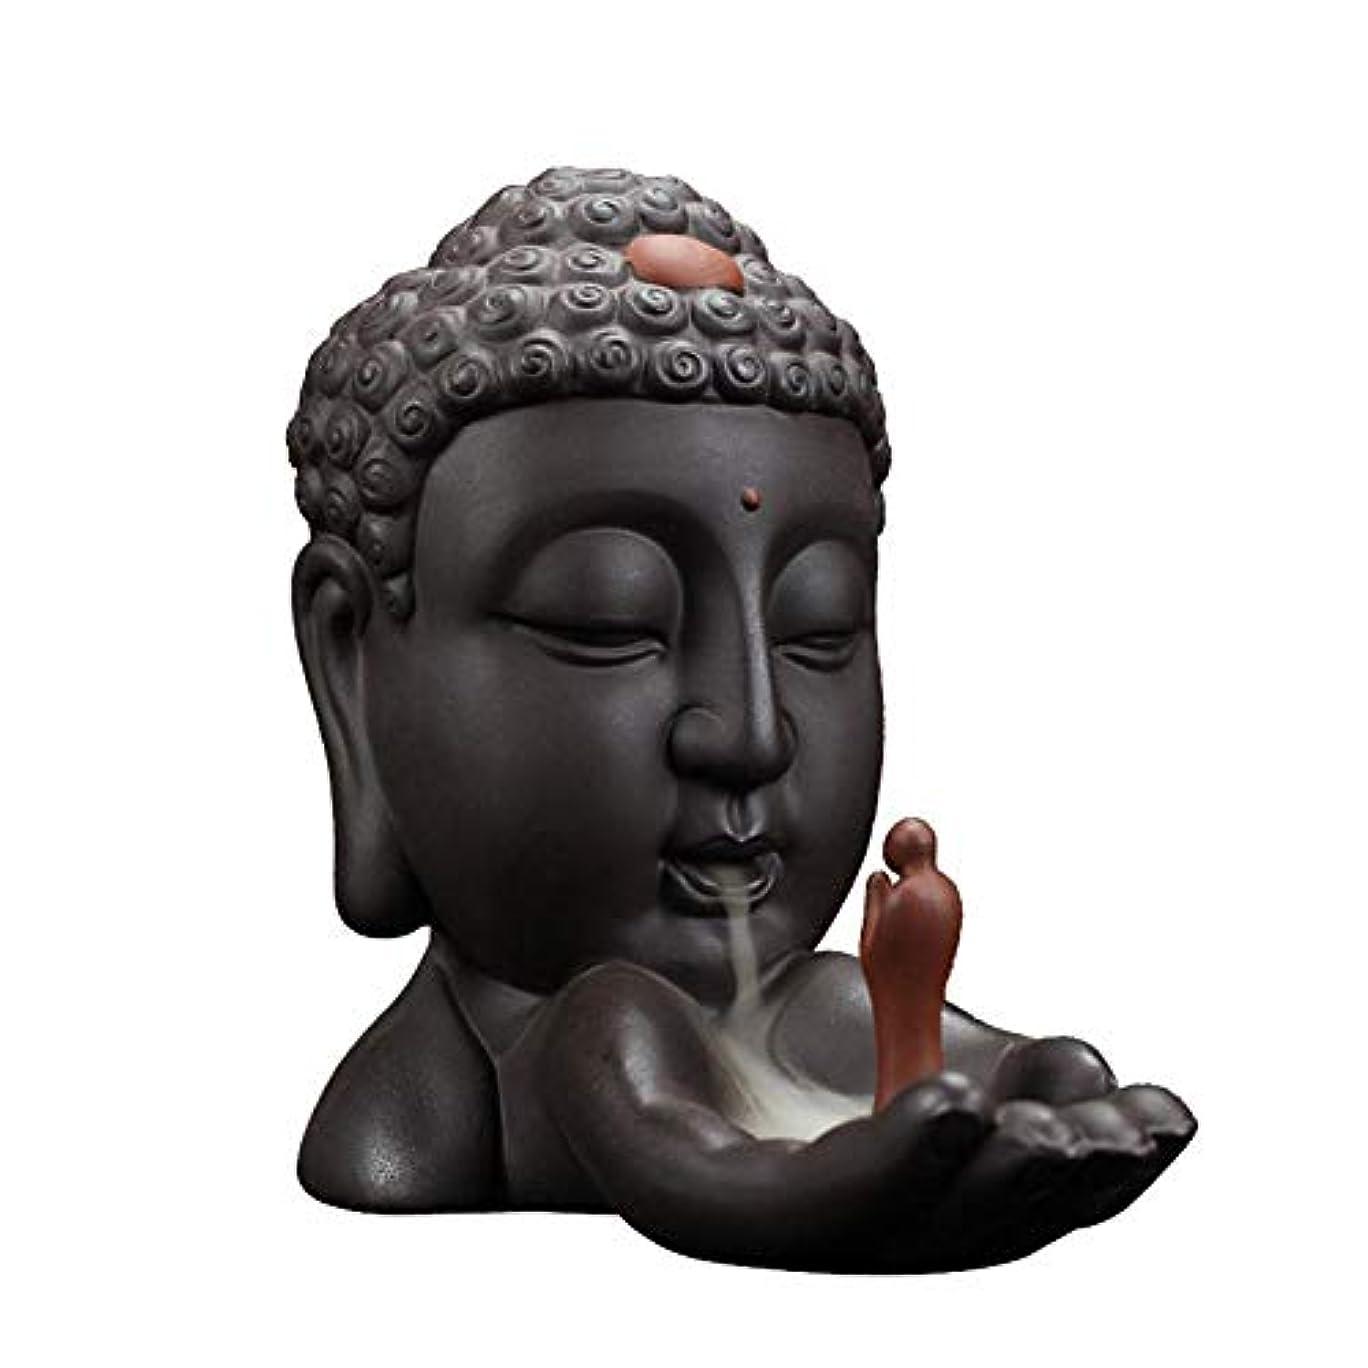 精通した世界に死んだ何故なのAlenx Backflow Incense Burner Buddha、長い燃焼香炉、Backflow Incense Burner Waterfall 1 Incense Burner + 10pcs Backflow...